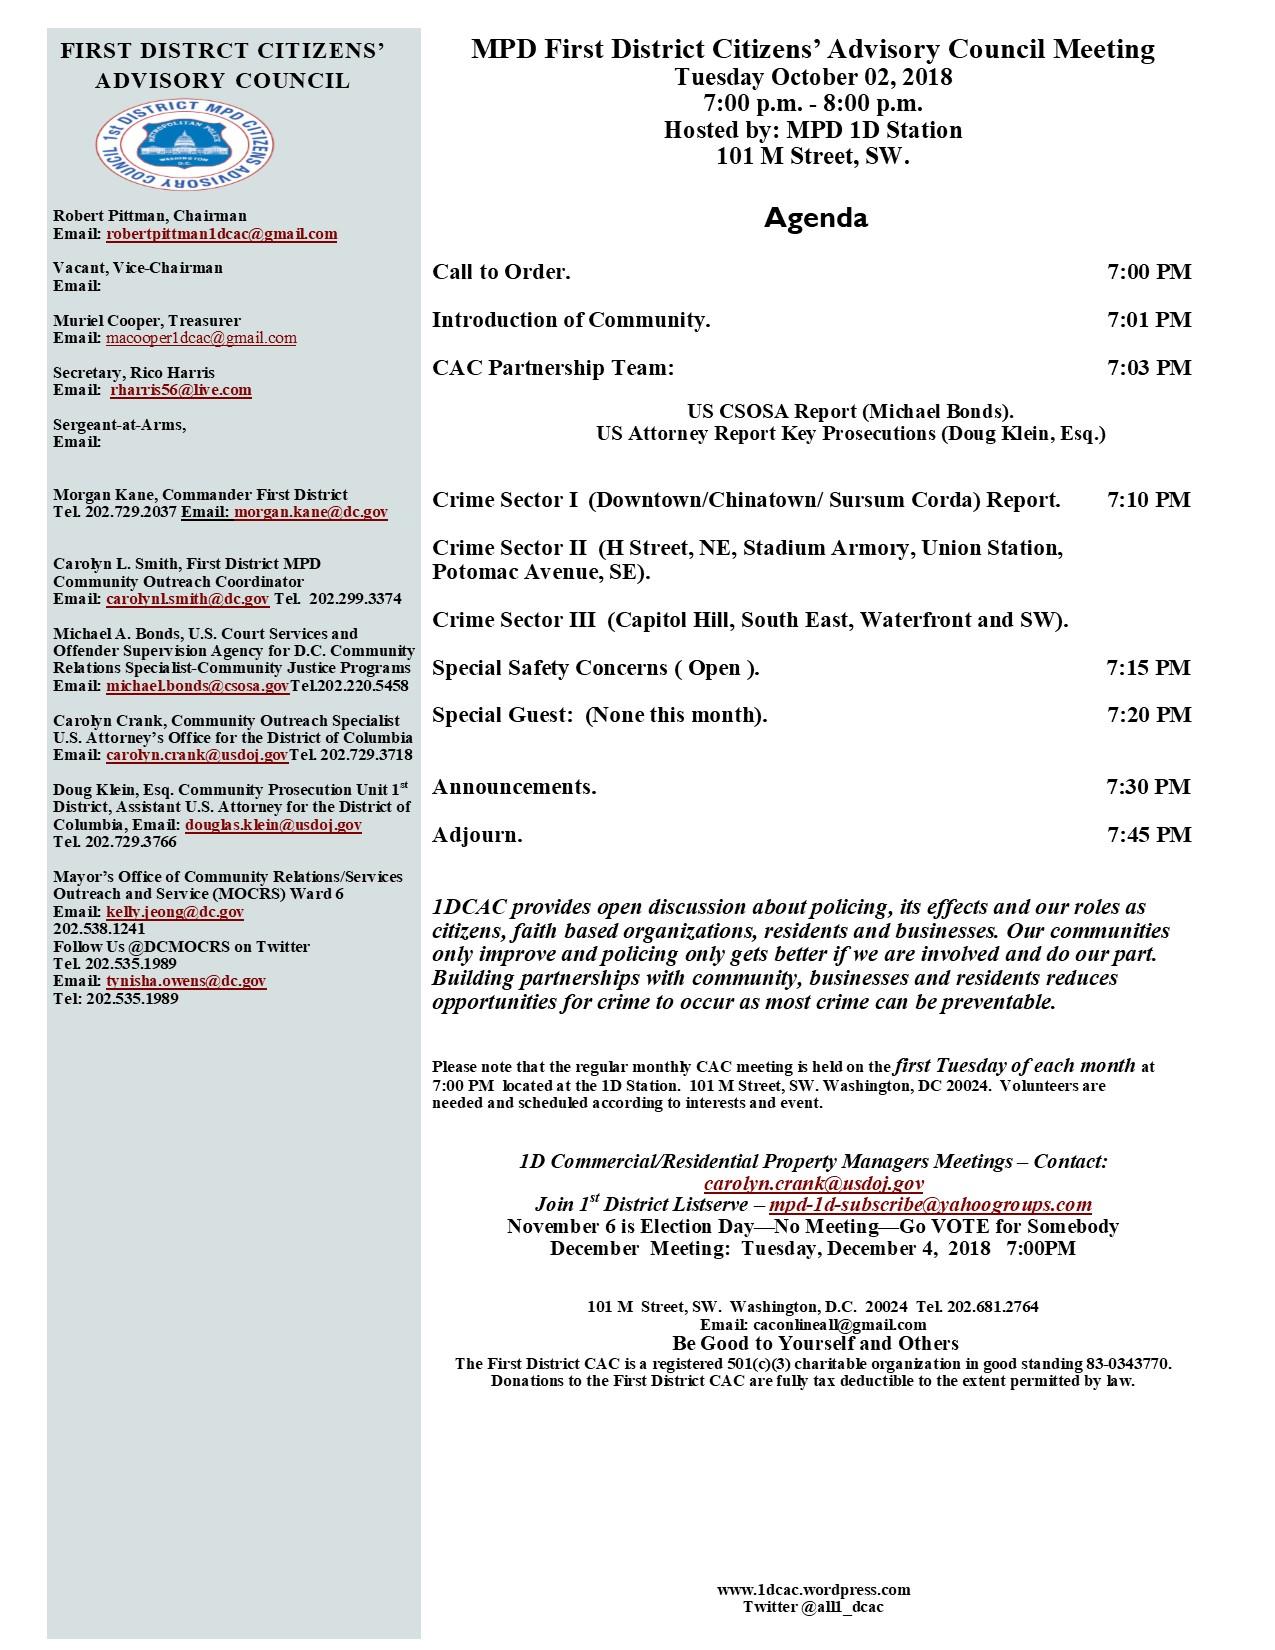 October 2, 2018 Agenda